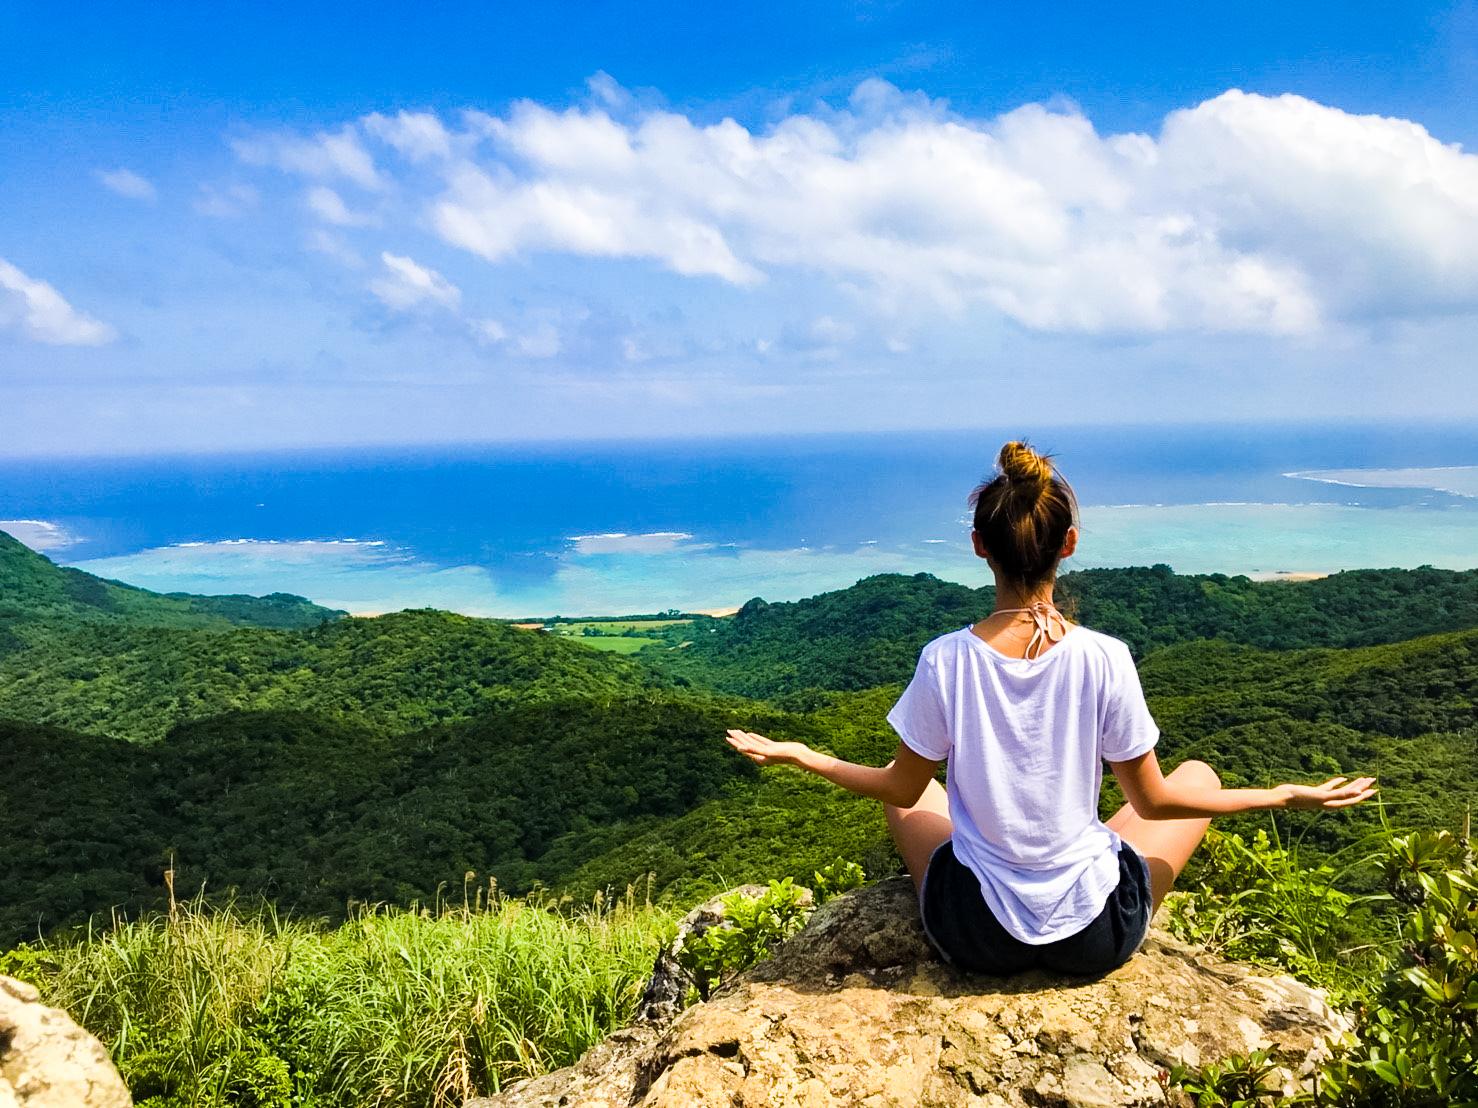 野底マーペーの頂上で瞑想する女性